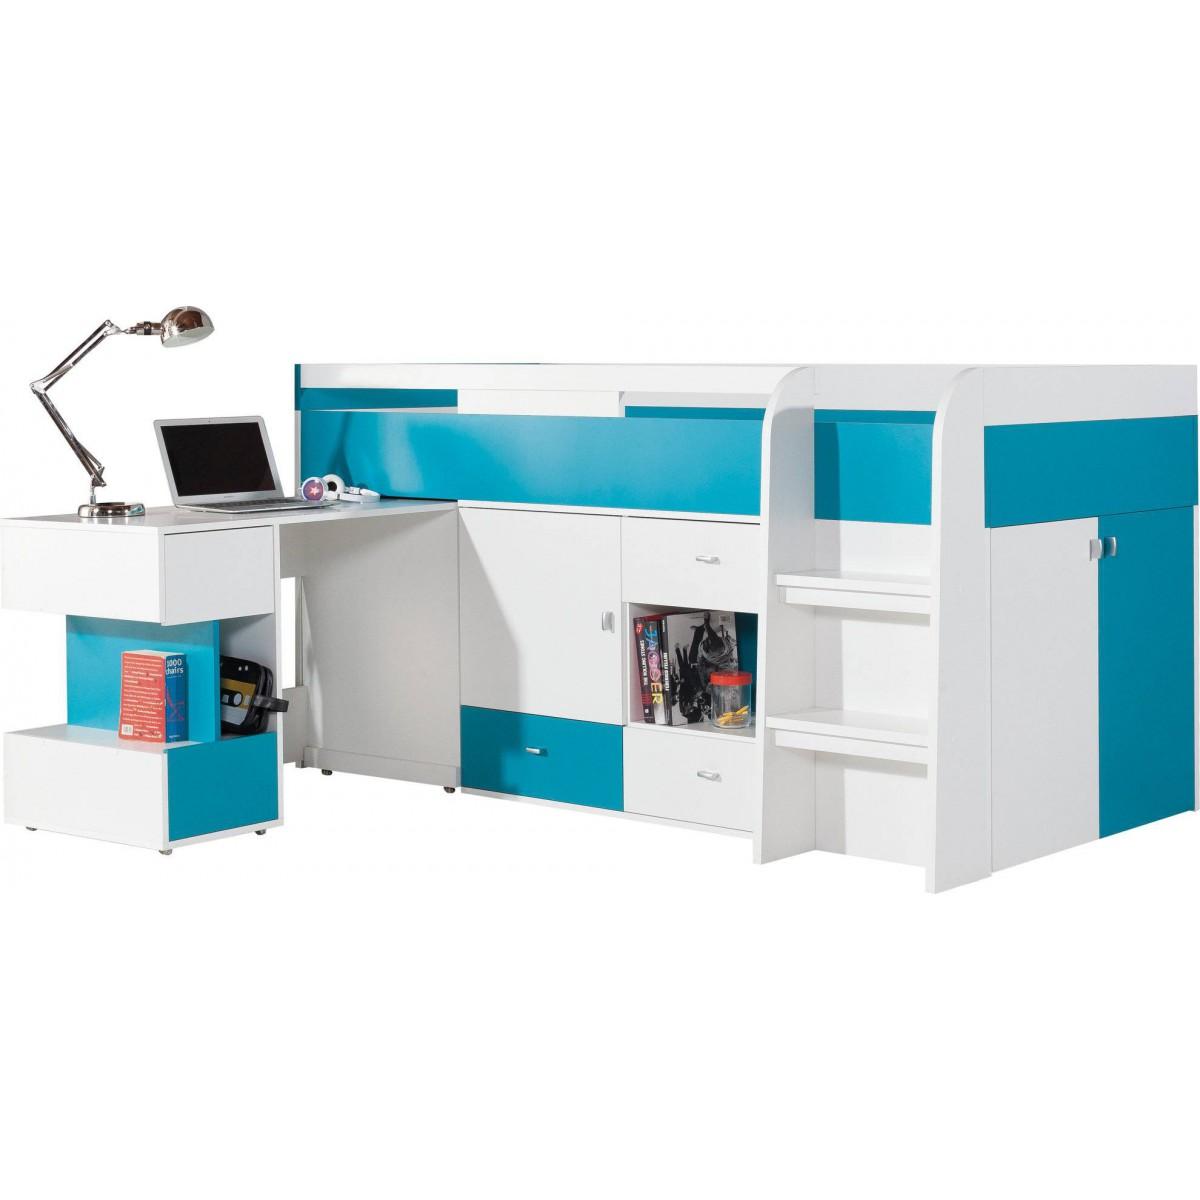 Mobi MO21 łóżko piętrowe z biurkiem